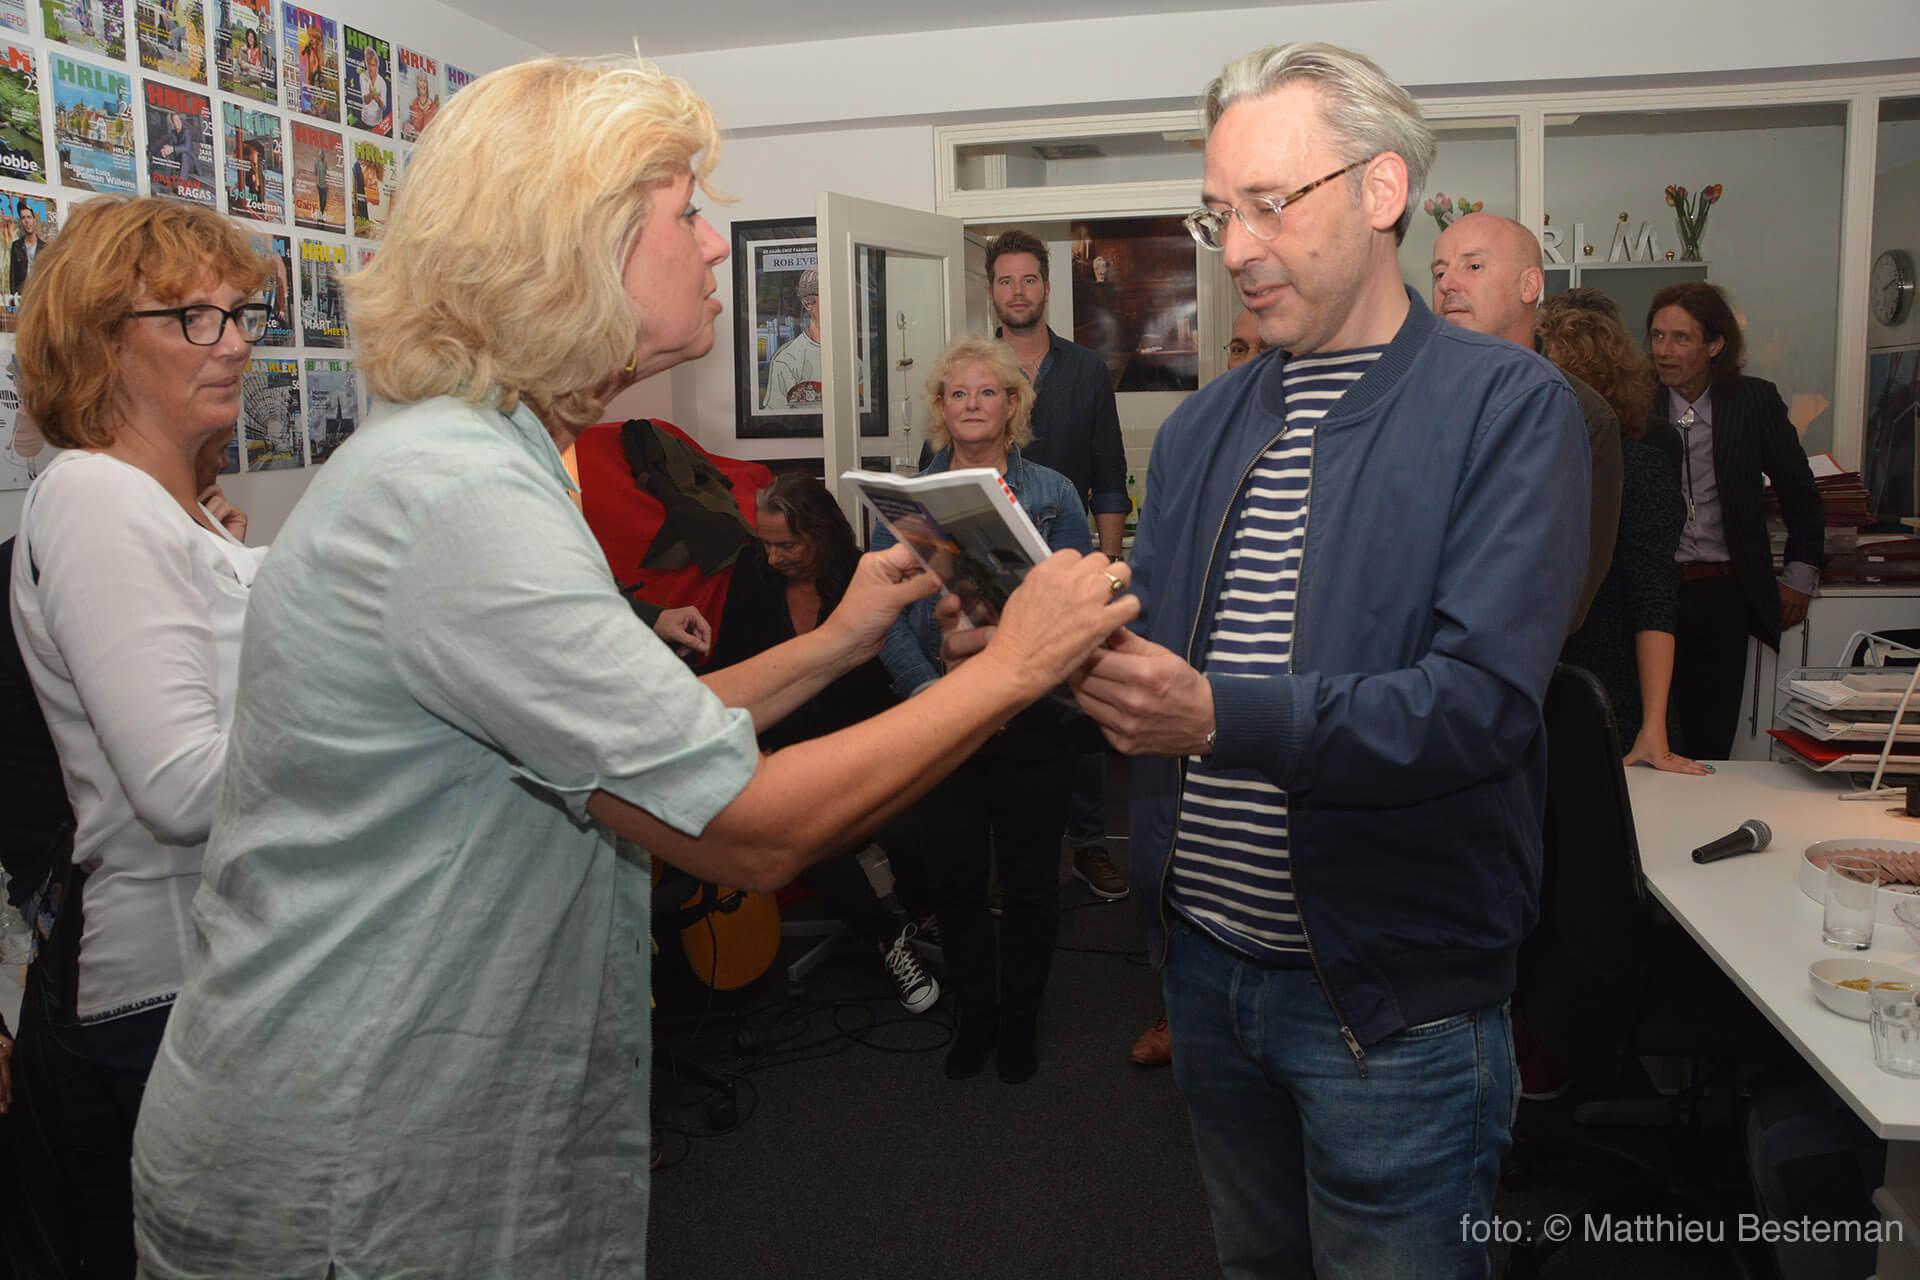 Uitgever Jeanette Eversen overhandigt nummer 58 van De Haarlemse Stadsglossy aan Stefan de Groot